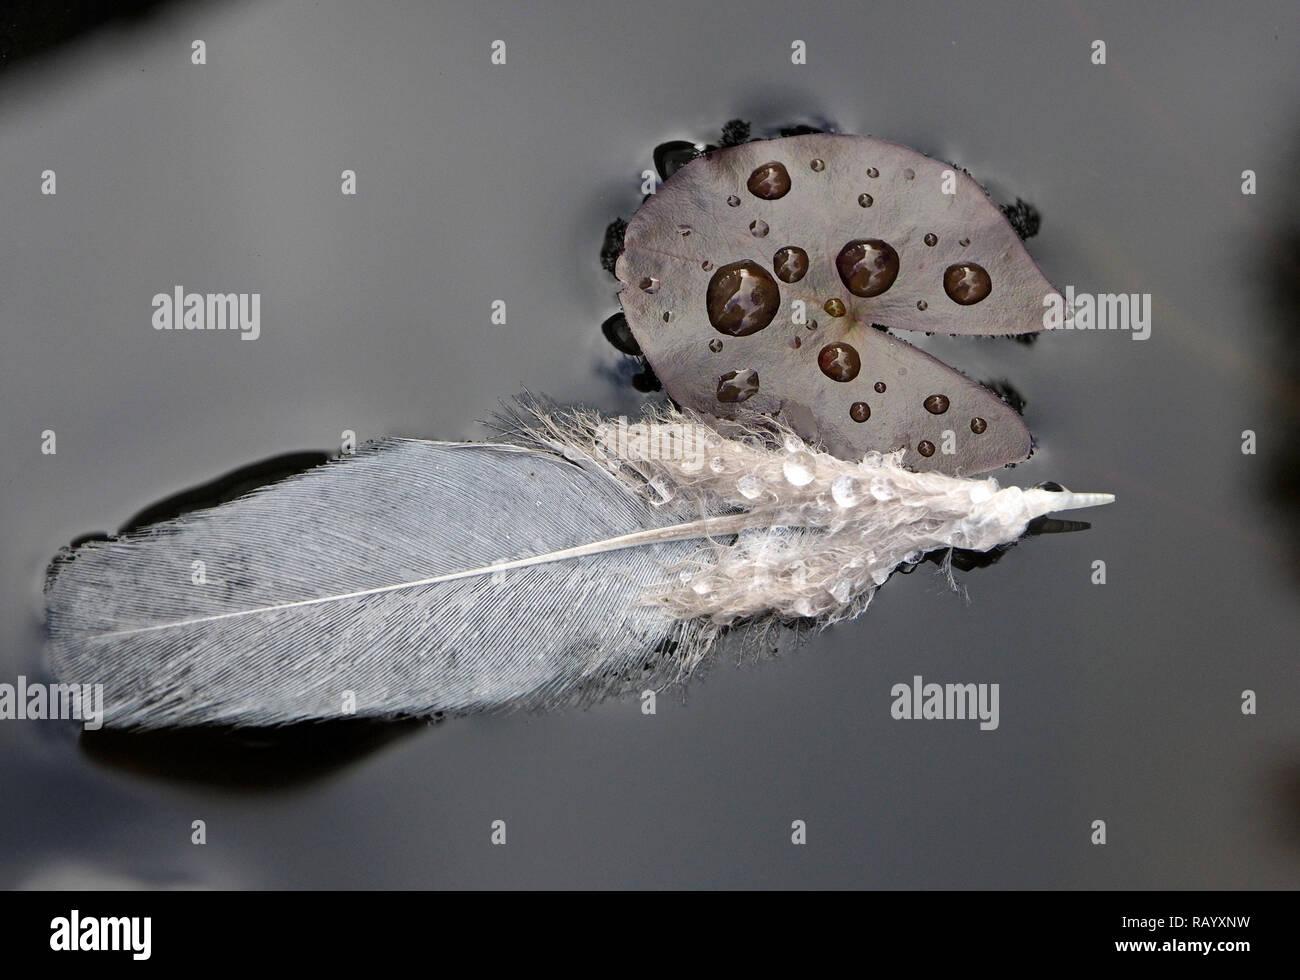 Monochrom grauen Feder schwimmt auf der Oberfläche von lilypond mit Wassertropfen auf der Oberfläche der eine Miniatur lilypad Cumbria, England, Großbritannien Stockbild